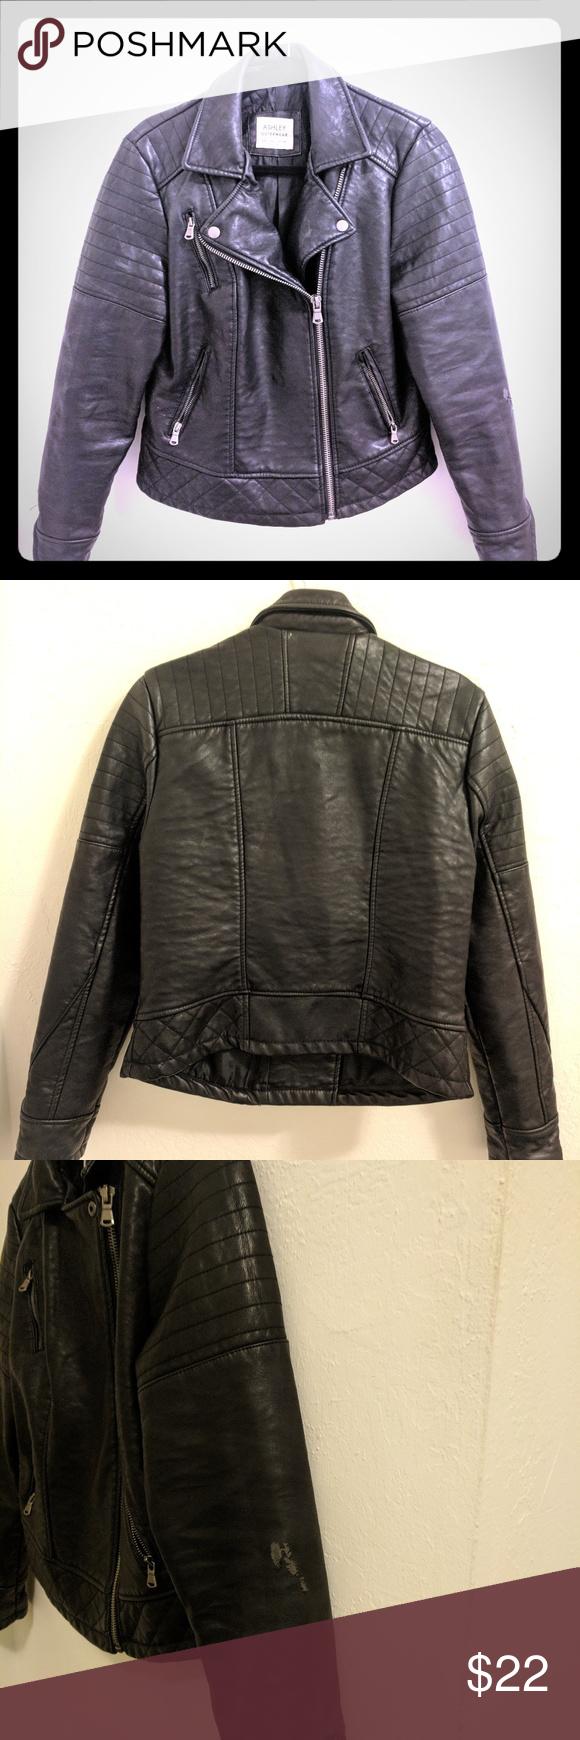 Ashley Outerwear Vegan Leather Jacket Ashley By 26 International Jackets Coats Vegan Leather Jacket Leather Jacket Vegan Leather Moto Jacket [ 1740 x 580 Pixel ]